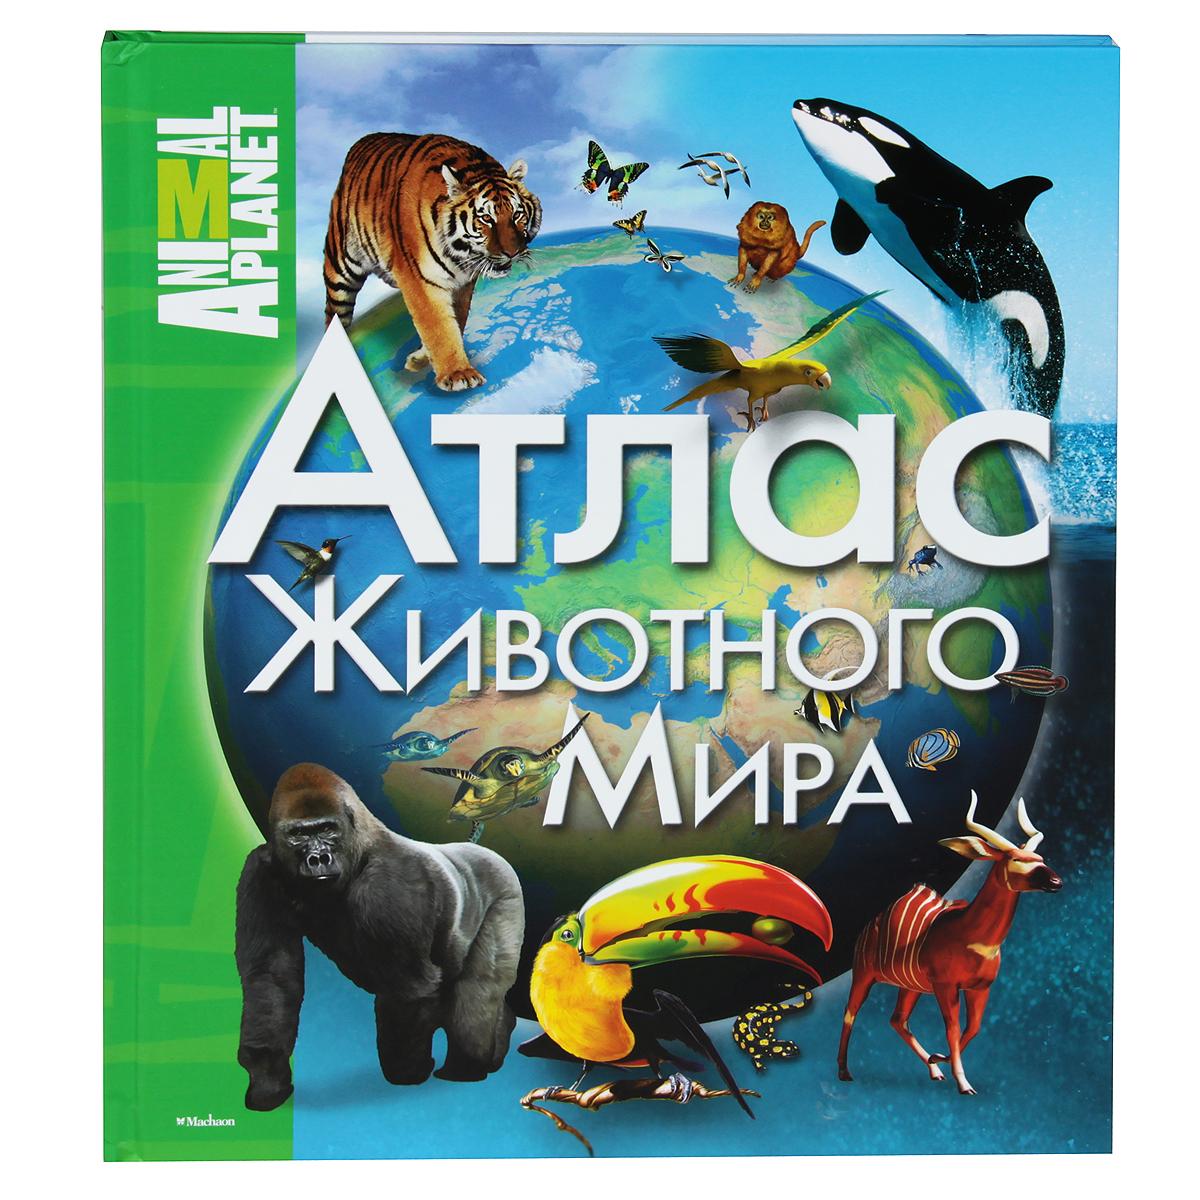 Атлас животного мира12296407Этот атлас позволит читателям познакомиться с фауной различных континентов, узнать, какие животные водятся в разных странах мира, какова среда их обитания и как они приспосабливаются к экстремальным условиям жаркой пустыни и арктической тундры, высокогорья и мангровых болот. Прекрасные редкие фотографии, красочные рисунки, цветные карты помогут детям и взрослым совершить увлекательную прогулку по разным уголкам нашей планеты.